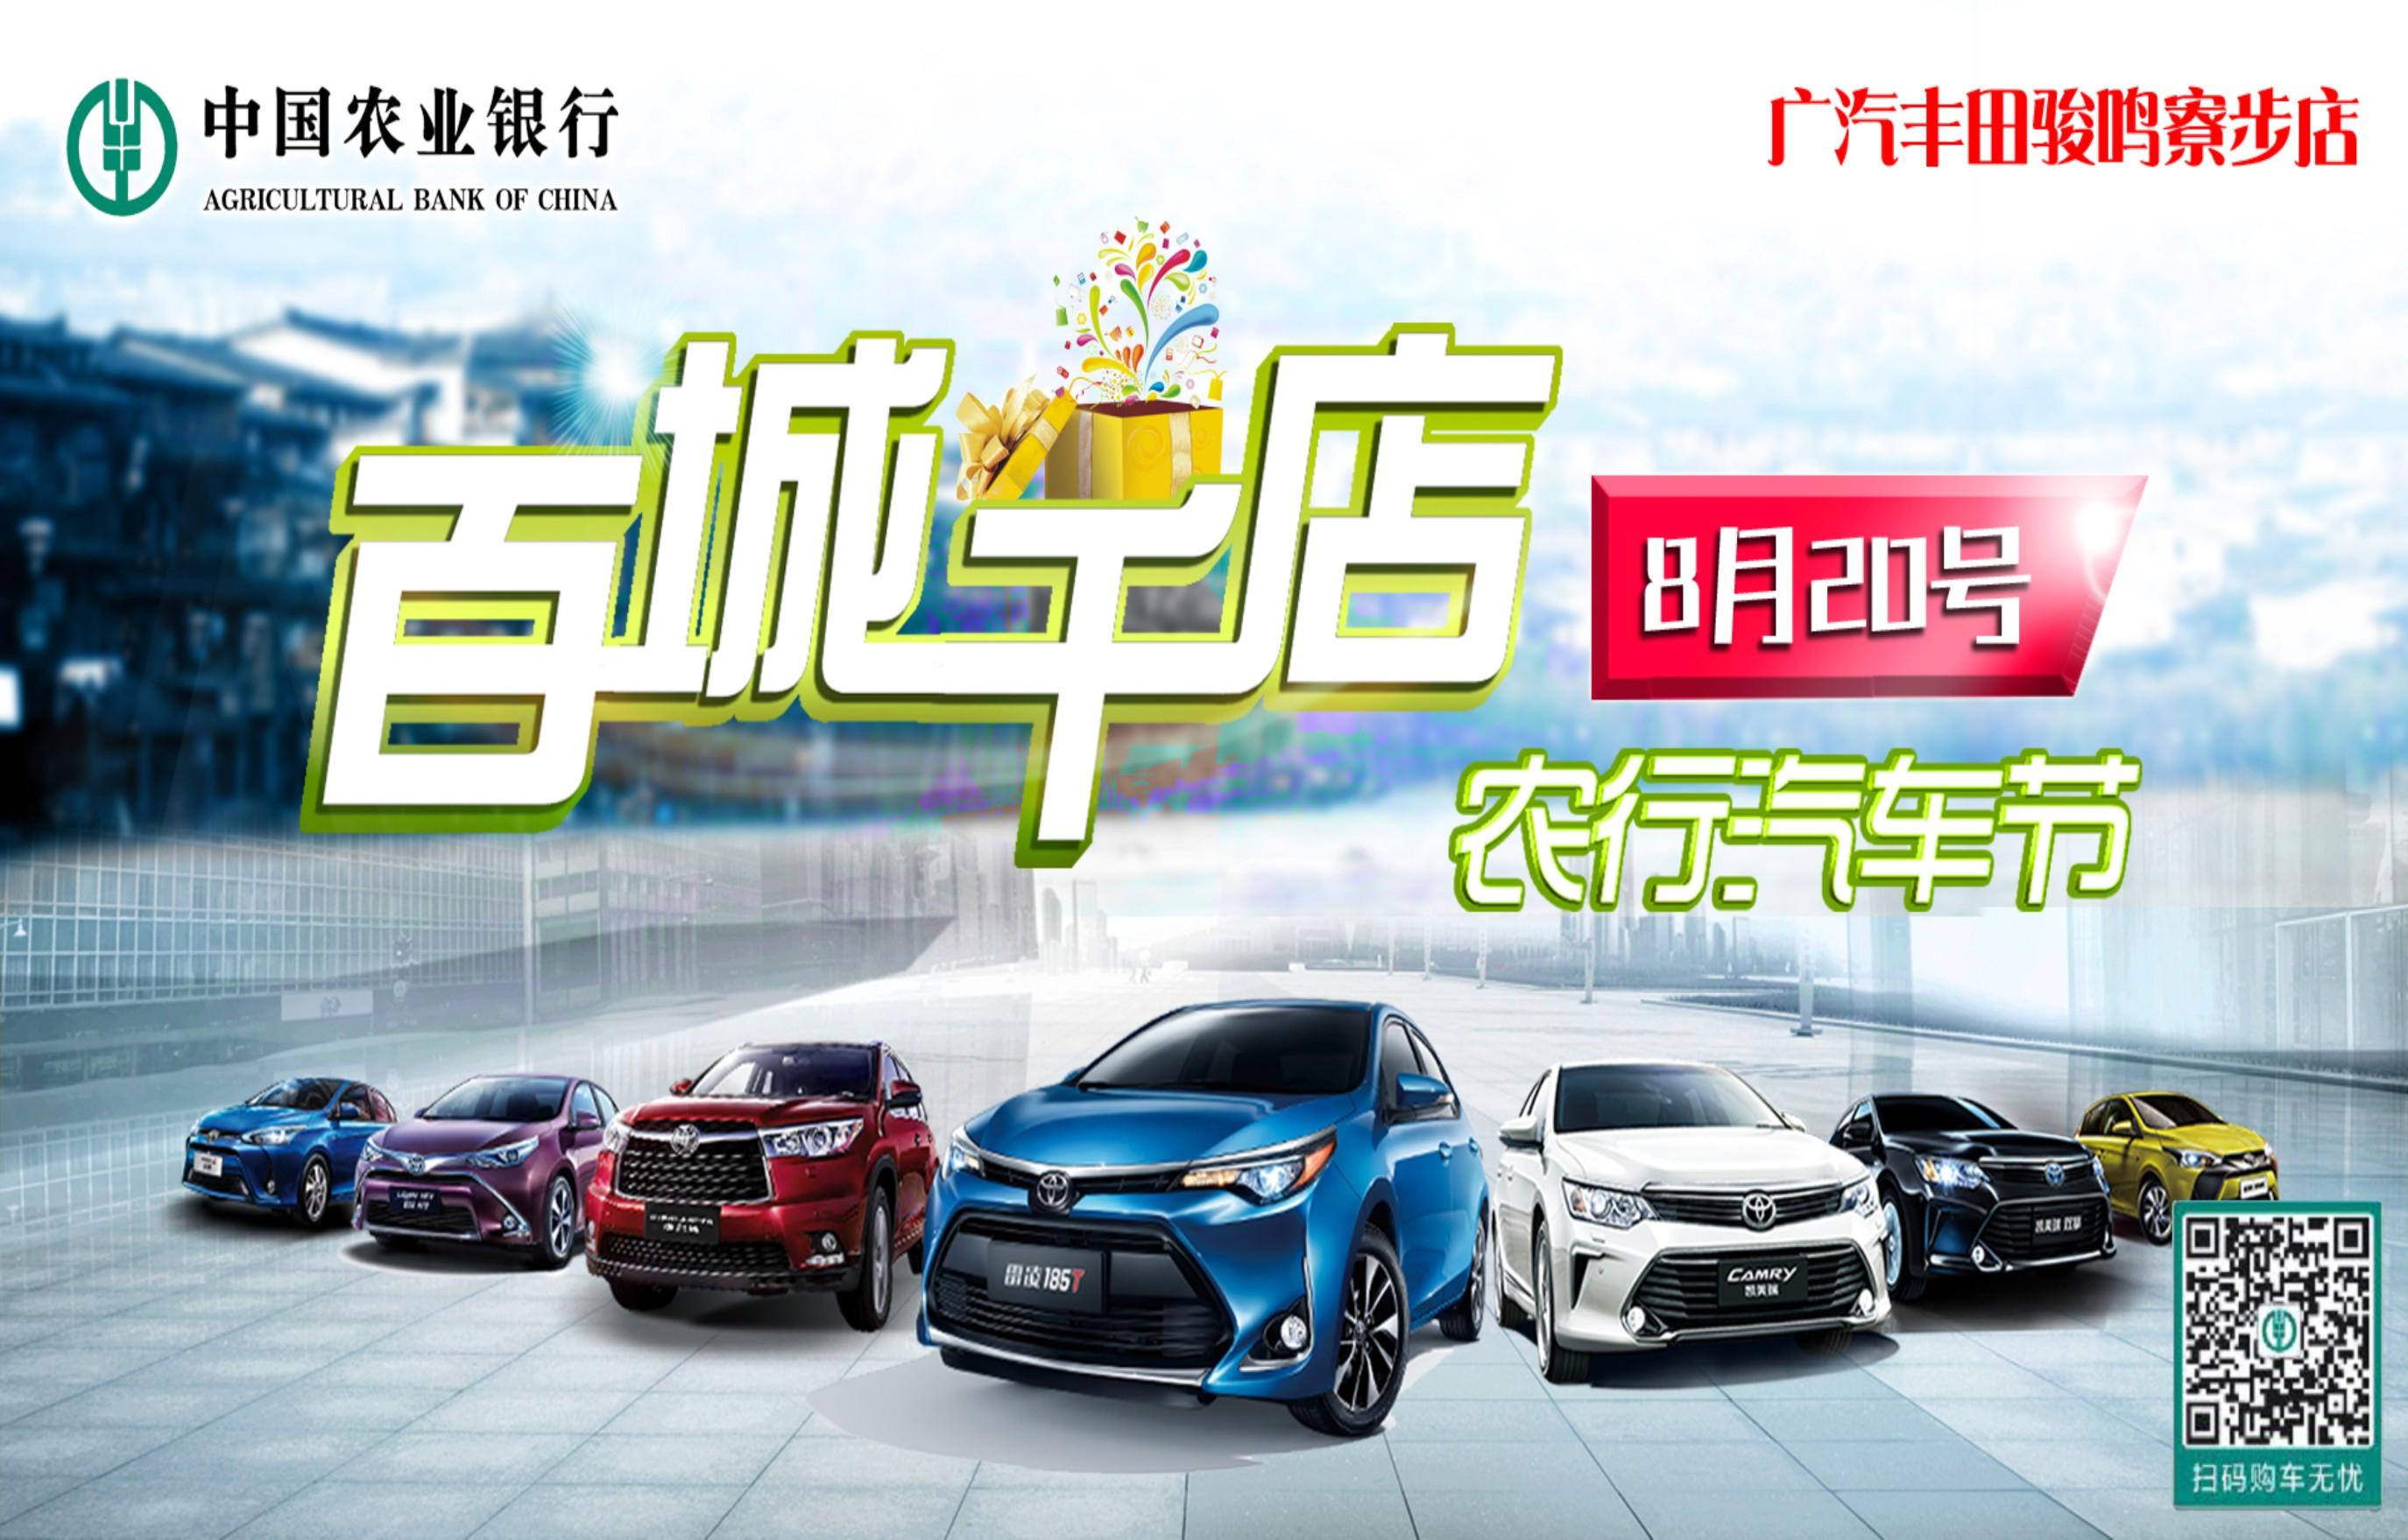 骏鸣丨8月20日 百城千店 农行汽车节